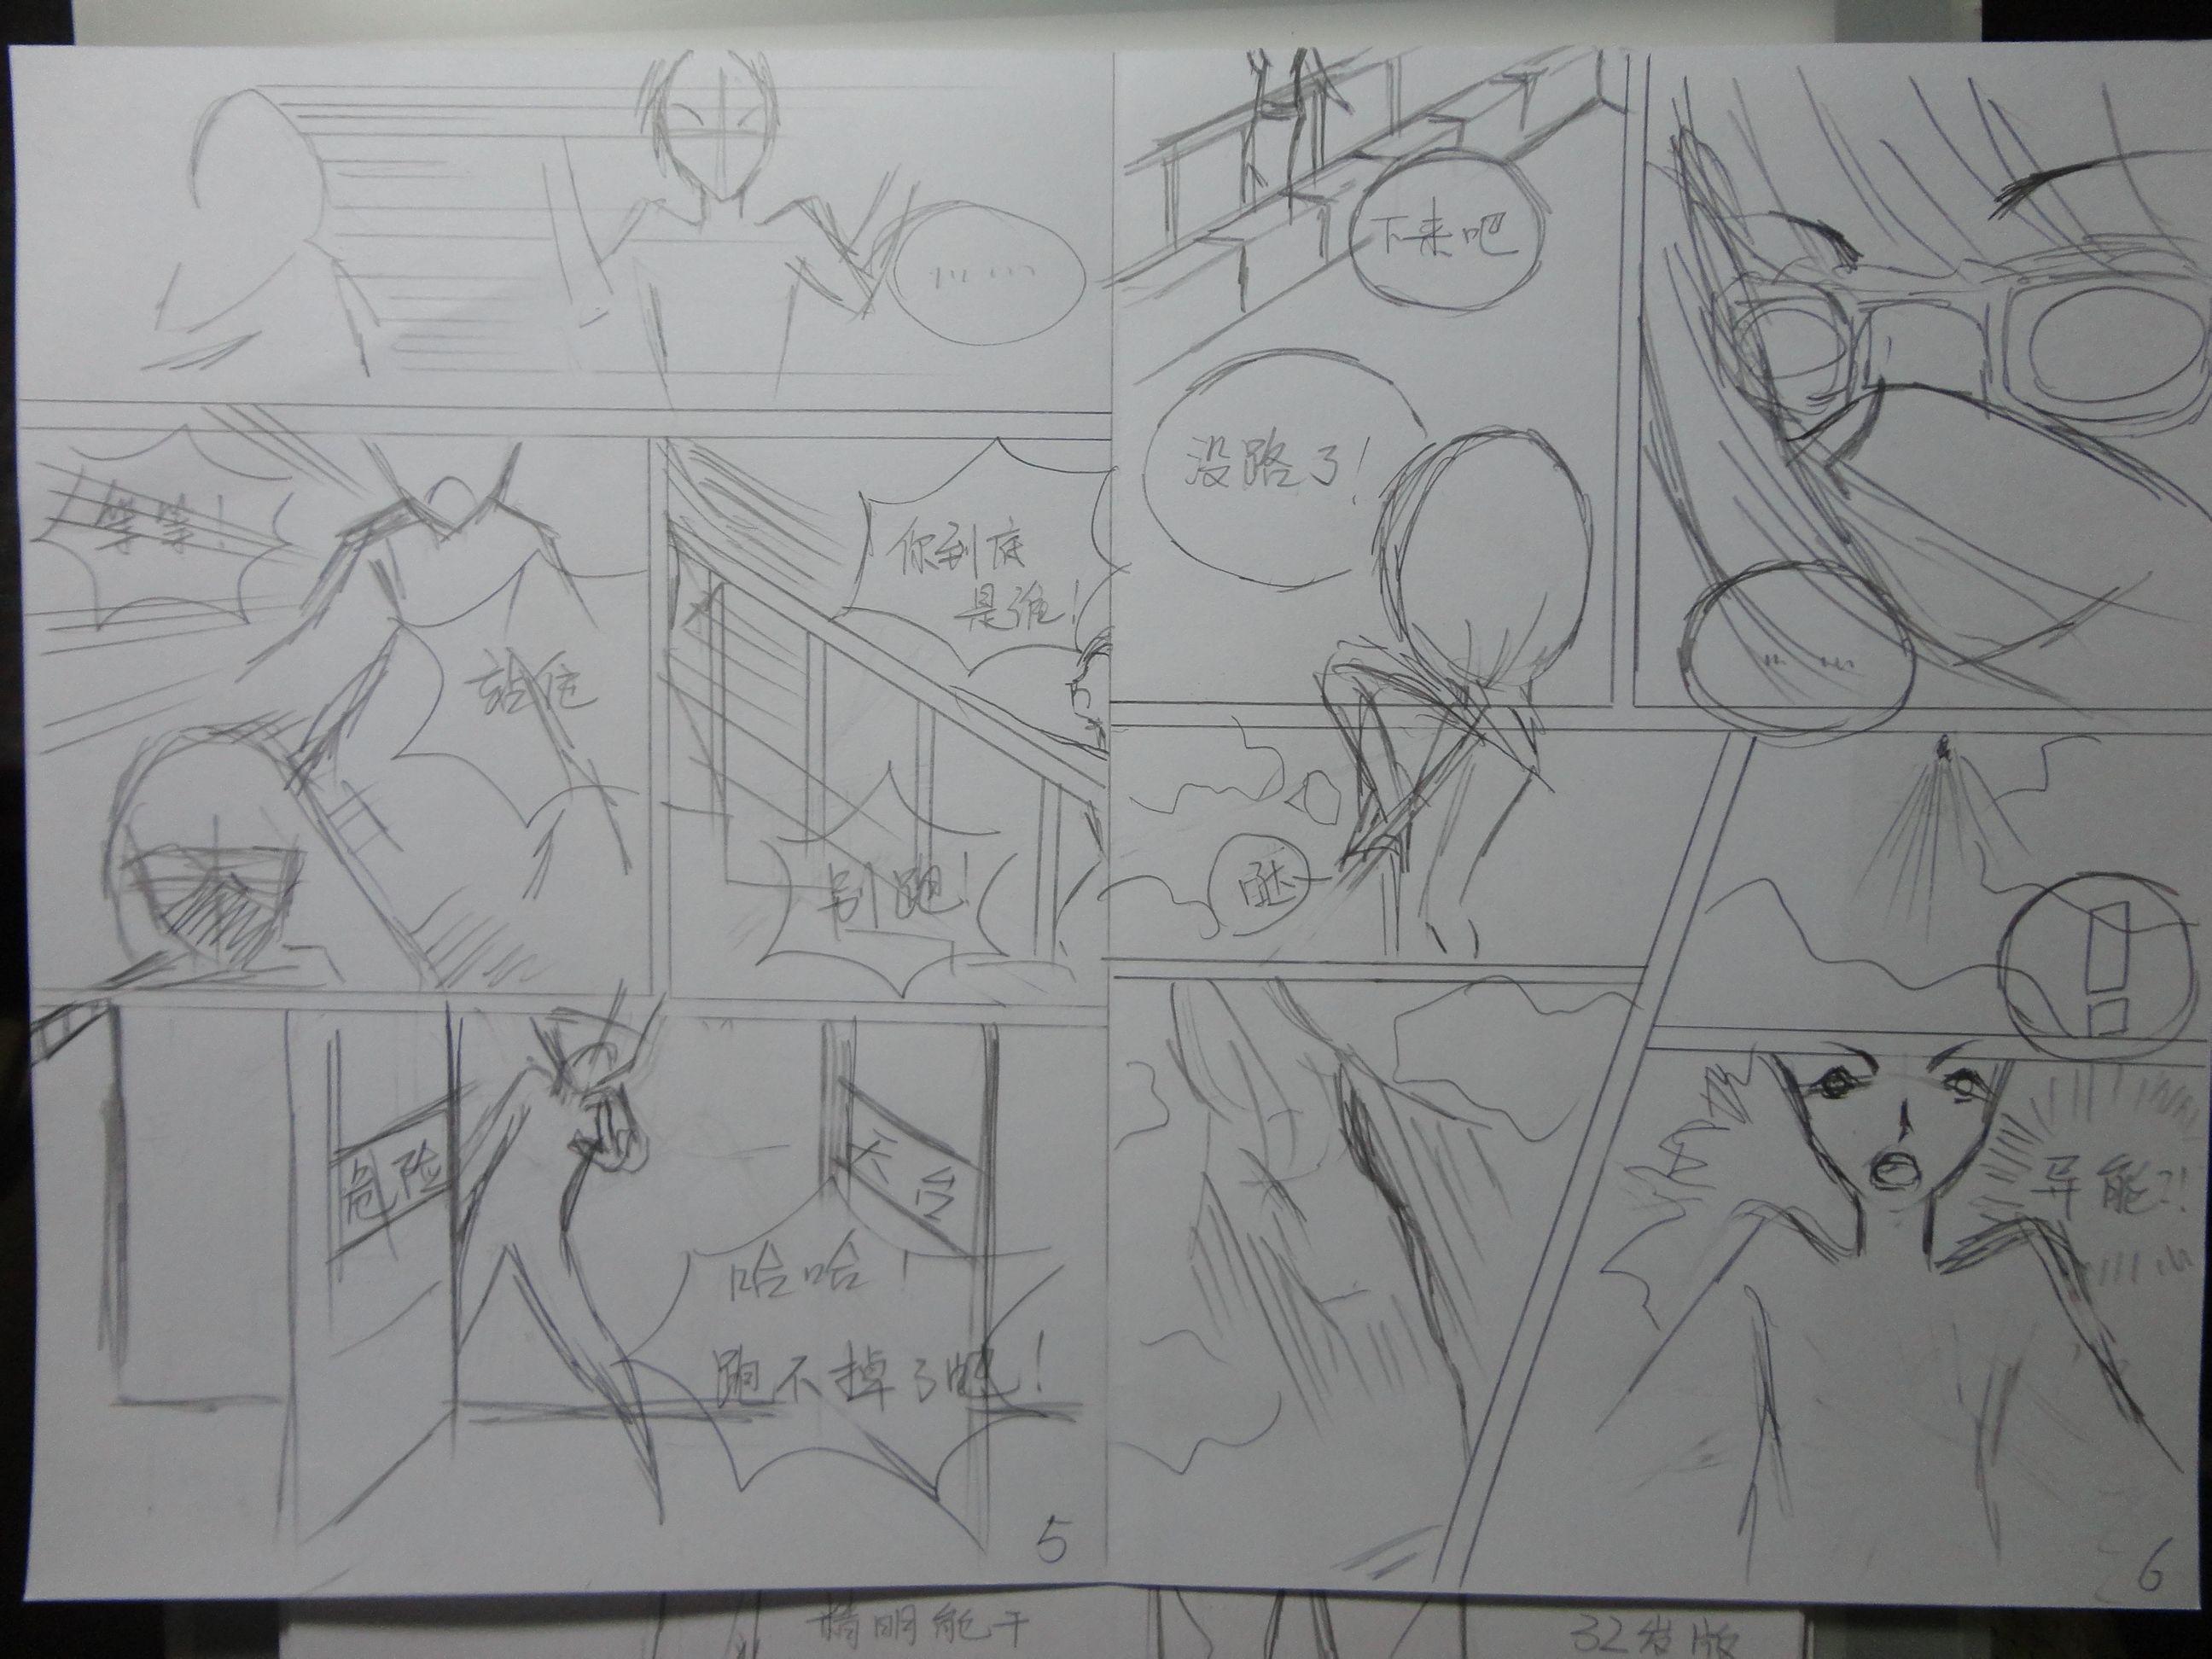 急求一些震撼的漫画分镜或手绘之类的,要参加学校活动图片